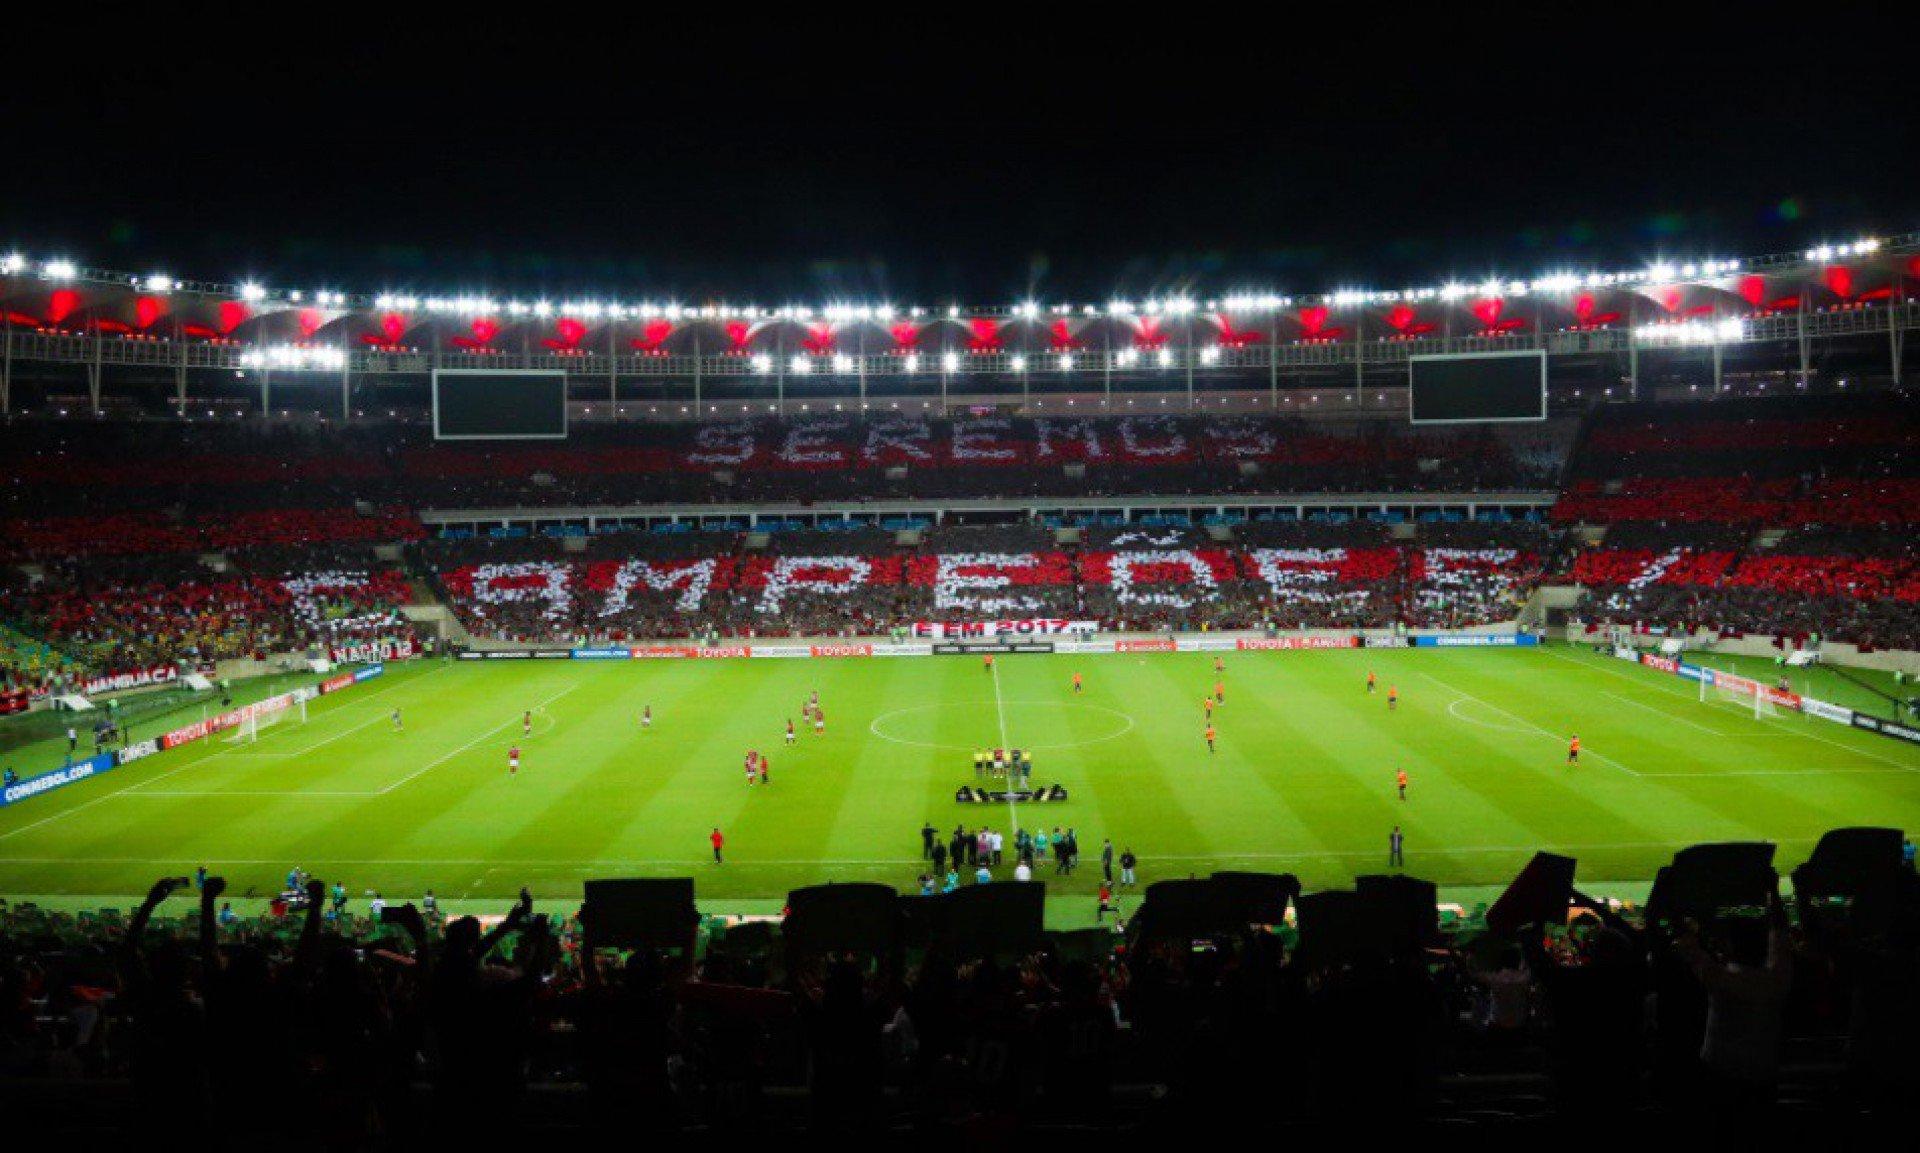 Liderados pelo Palmeiras, clubes da Série A entram com ação conjunta para derrubar liminar do Flamengo no STJD